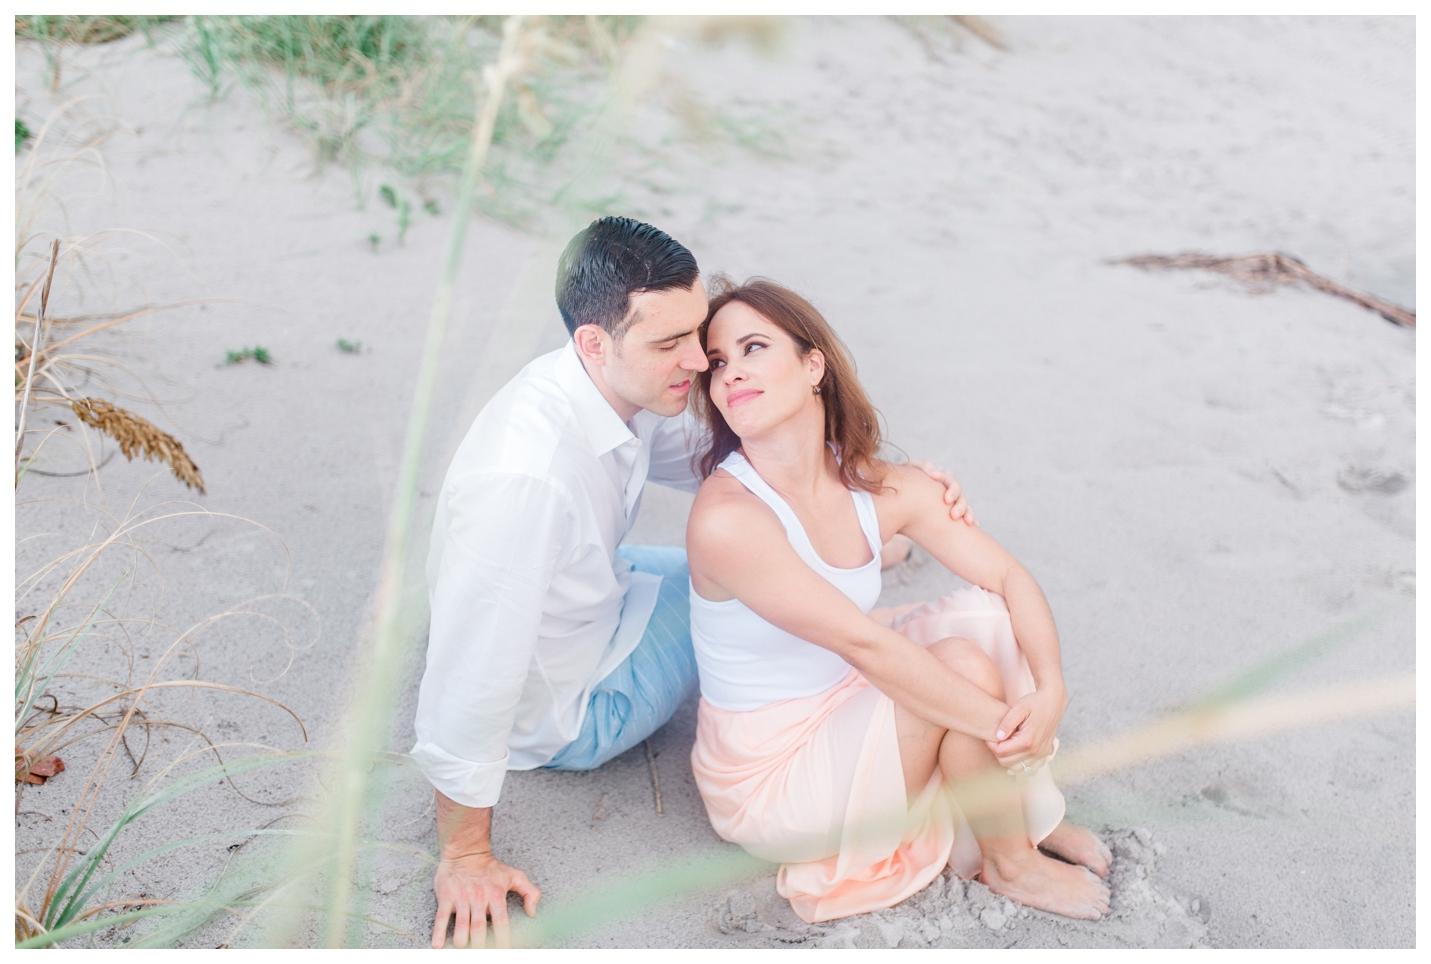 photo engagement, photo couple, séance engagement, séance couple, conseils, inspiration